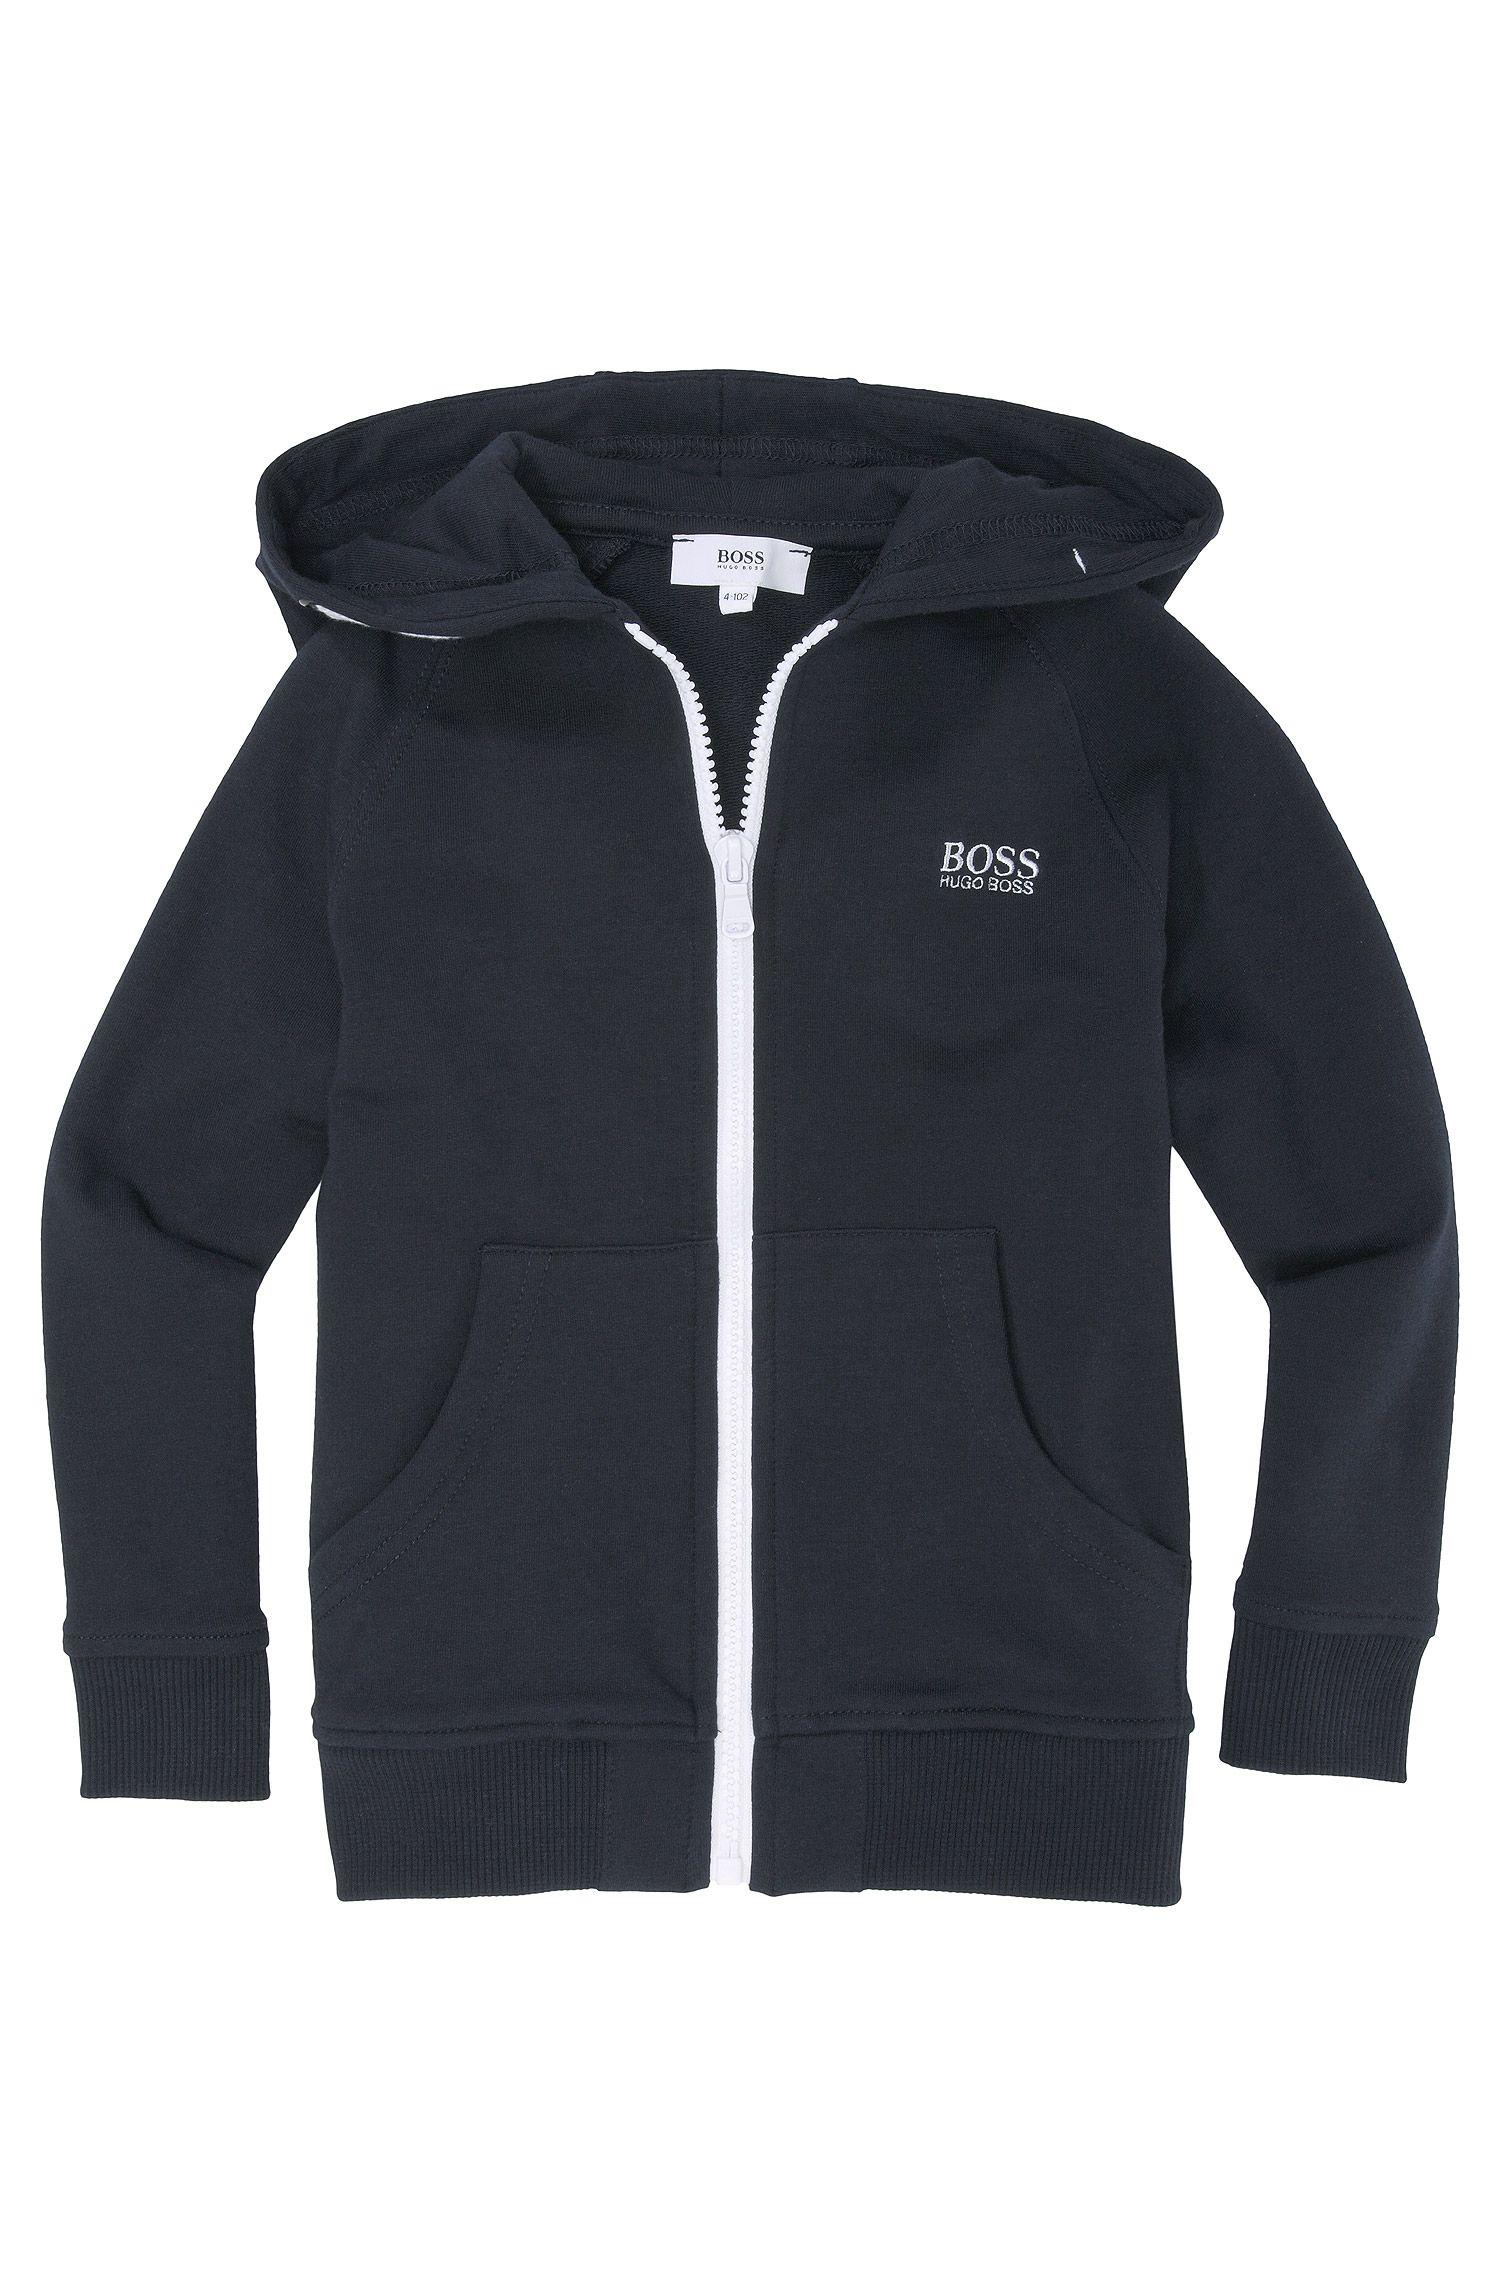 Veste sweat-shirt pour enfant «J25653/862» en coton mélangé